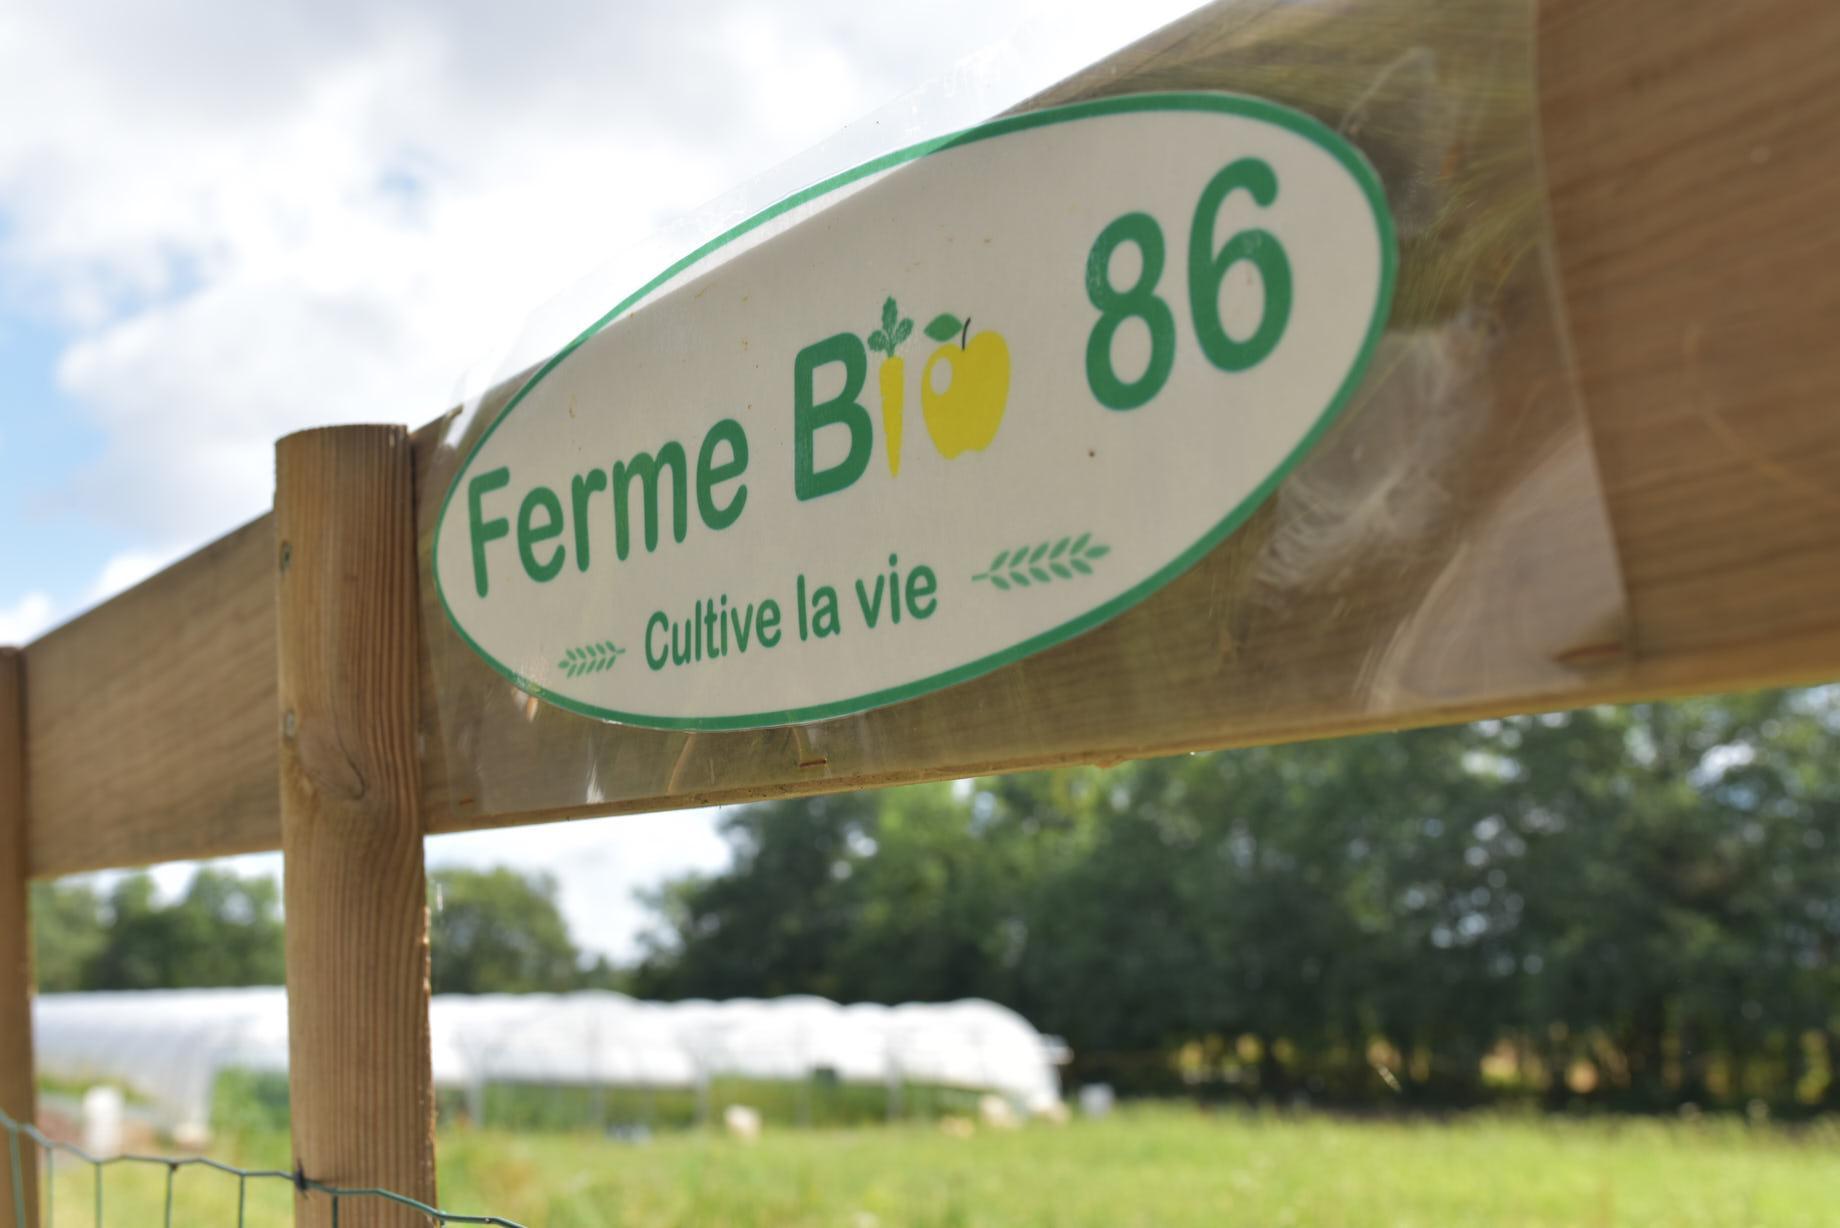 Ferme Bio 86